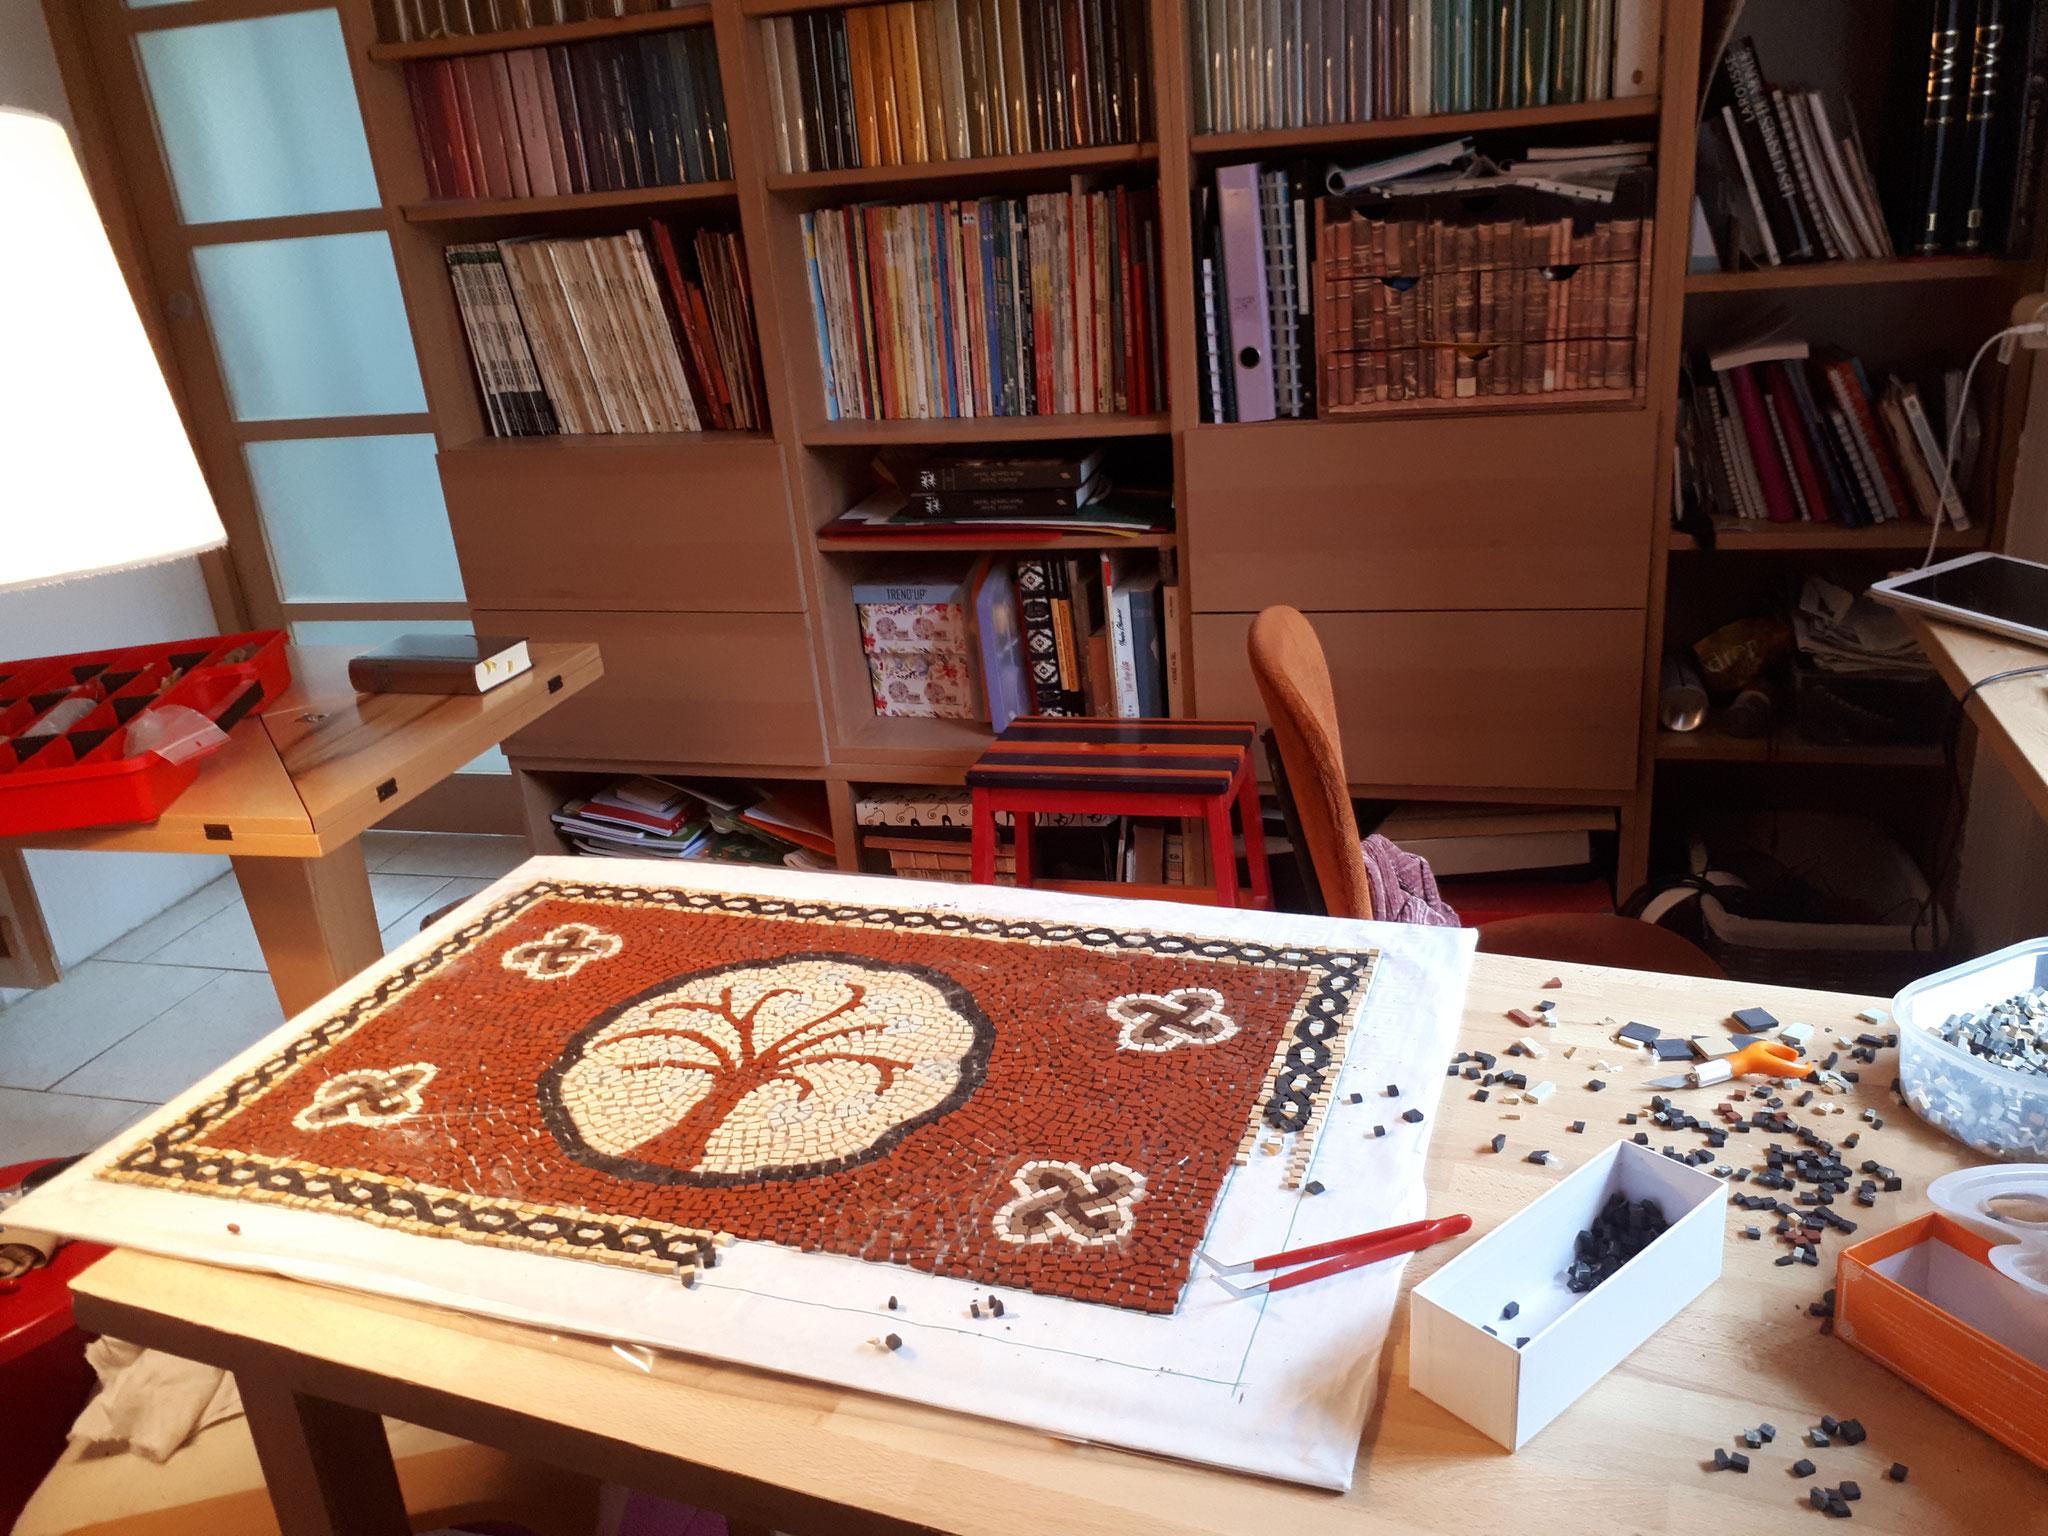 """aussi, un peu de mosaïque pour une table """"un dessus de vielle table tv des années 60 en formica qui servira de desserte à coté de la plancha de la terrasse"""""""